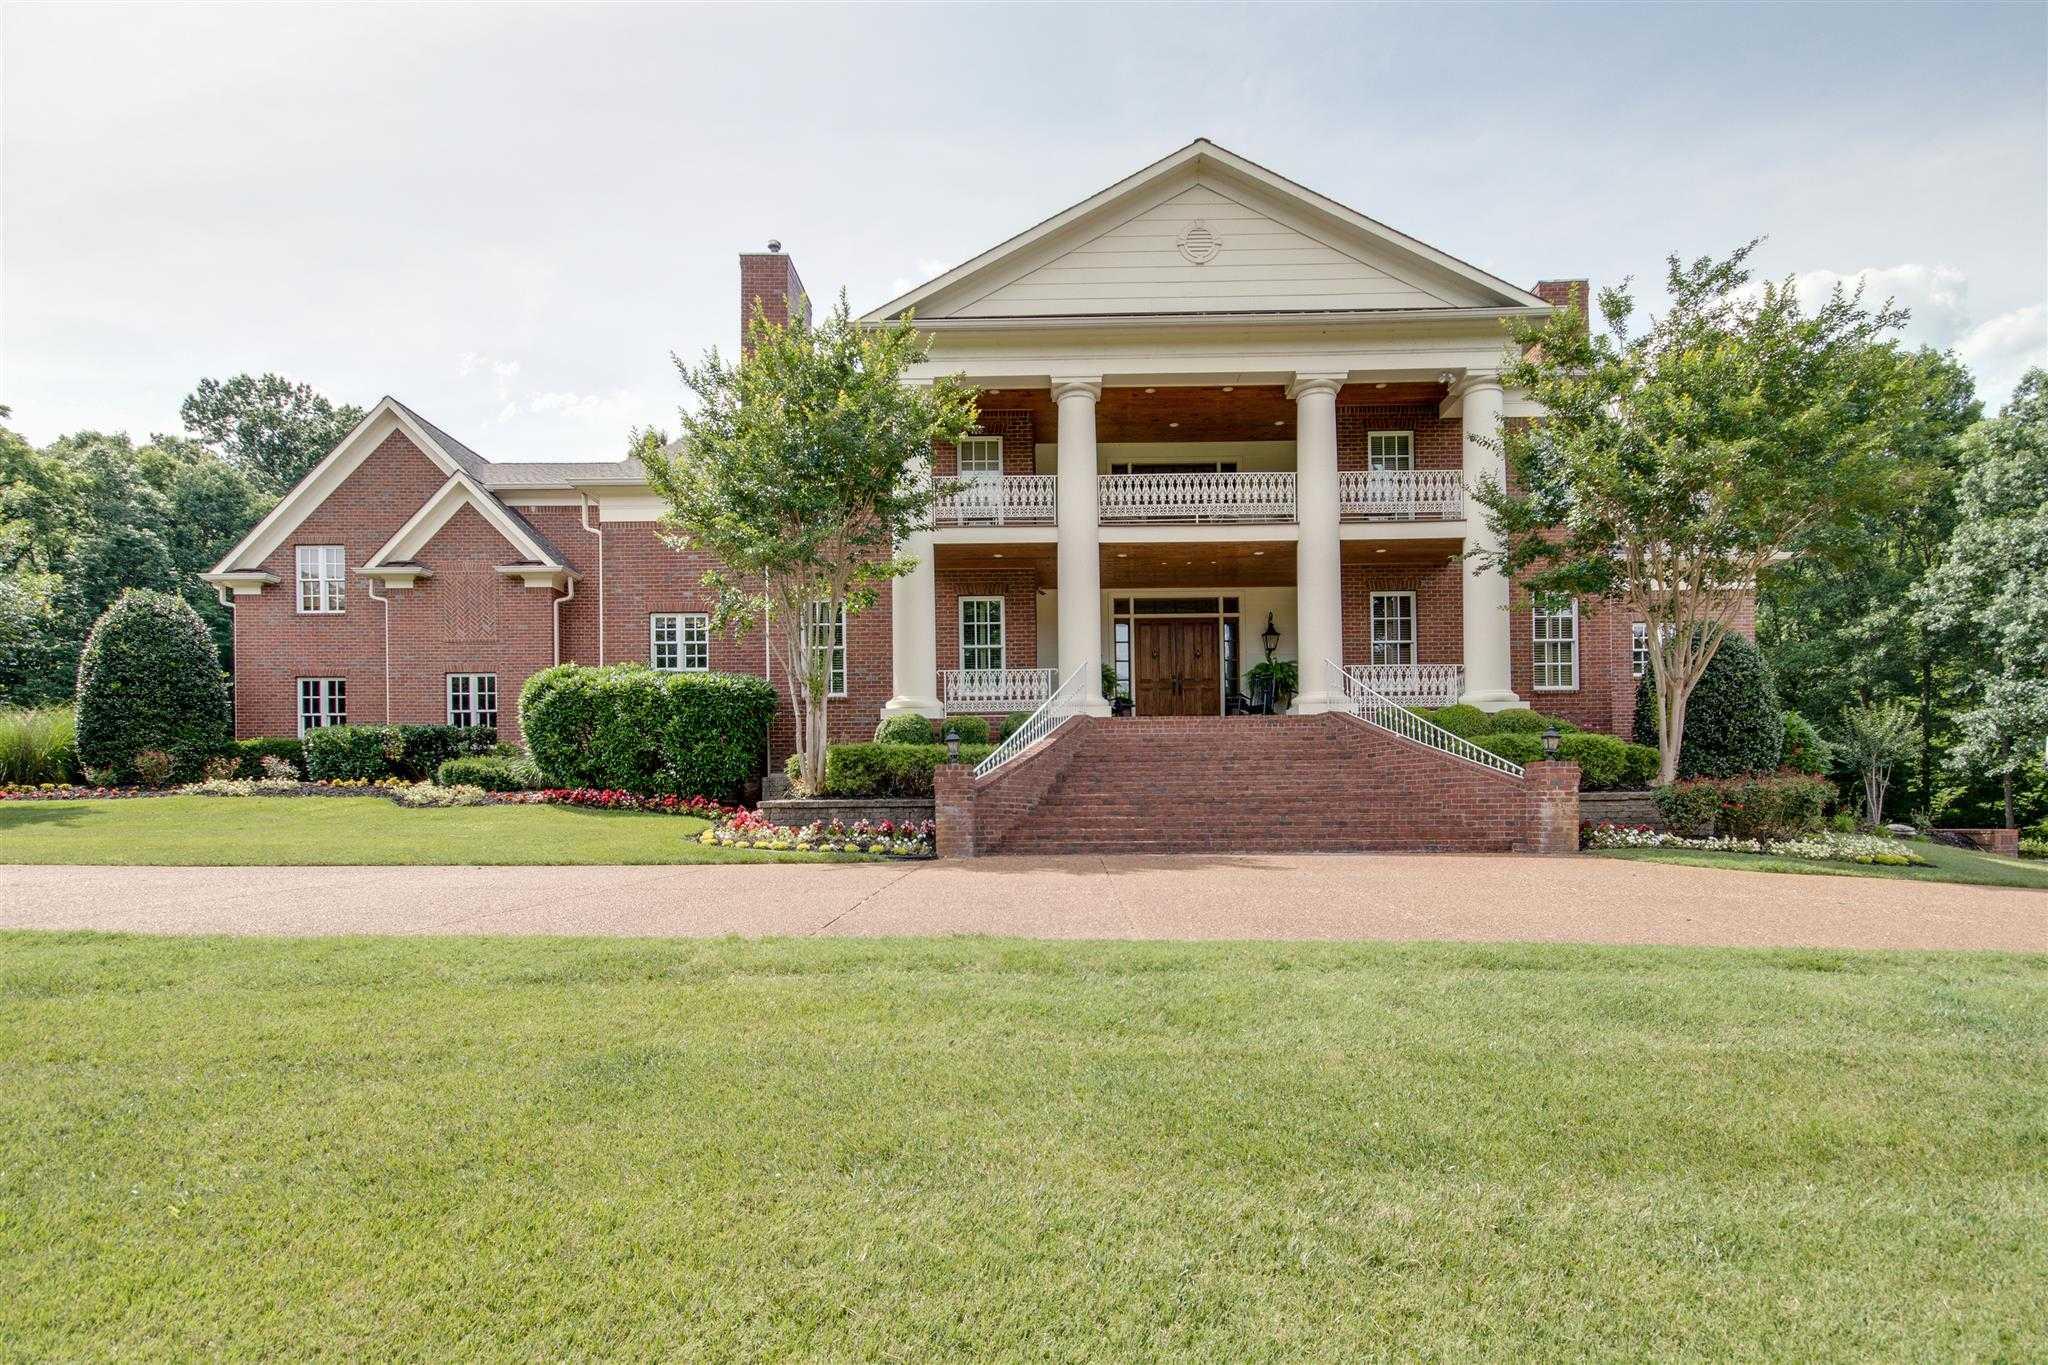 $3,500,000 - 6Br/7Ba -  for Sale in None, Nolensville